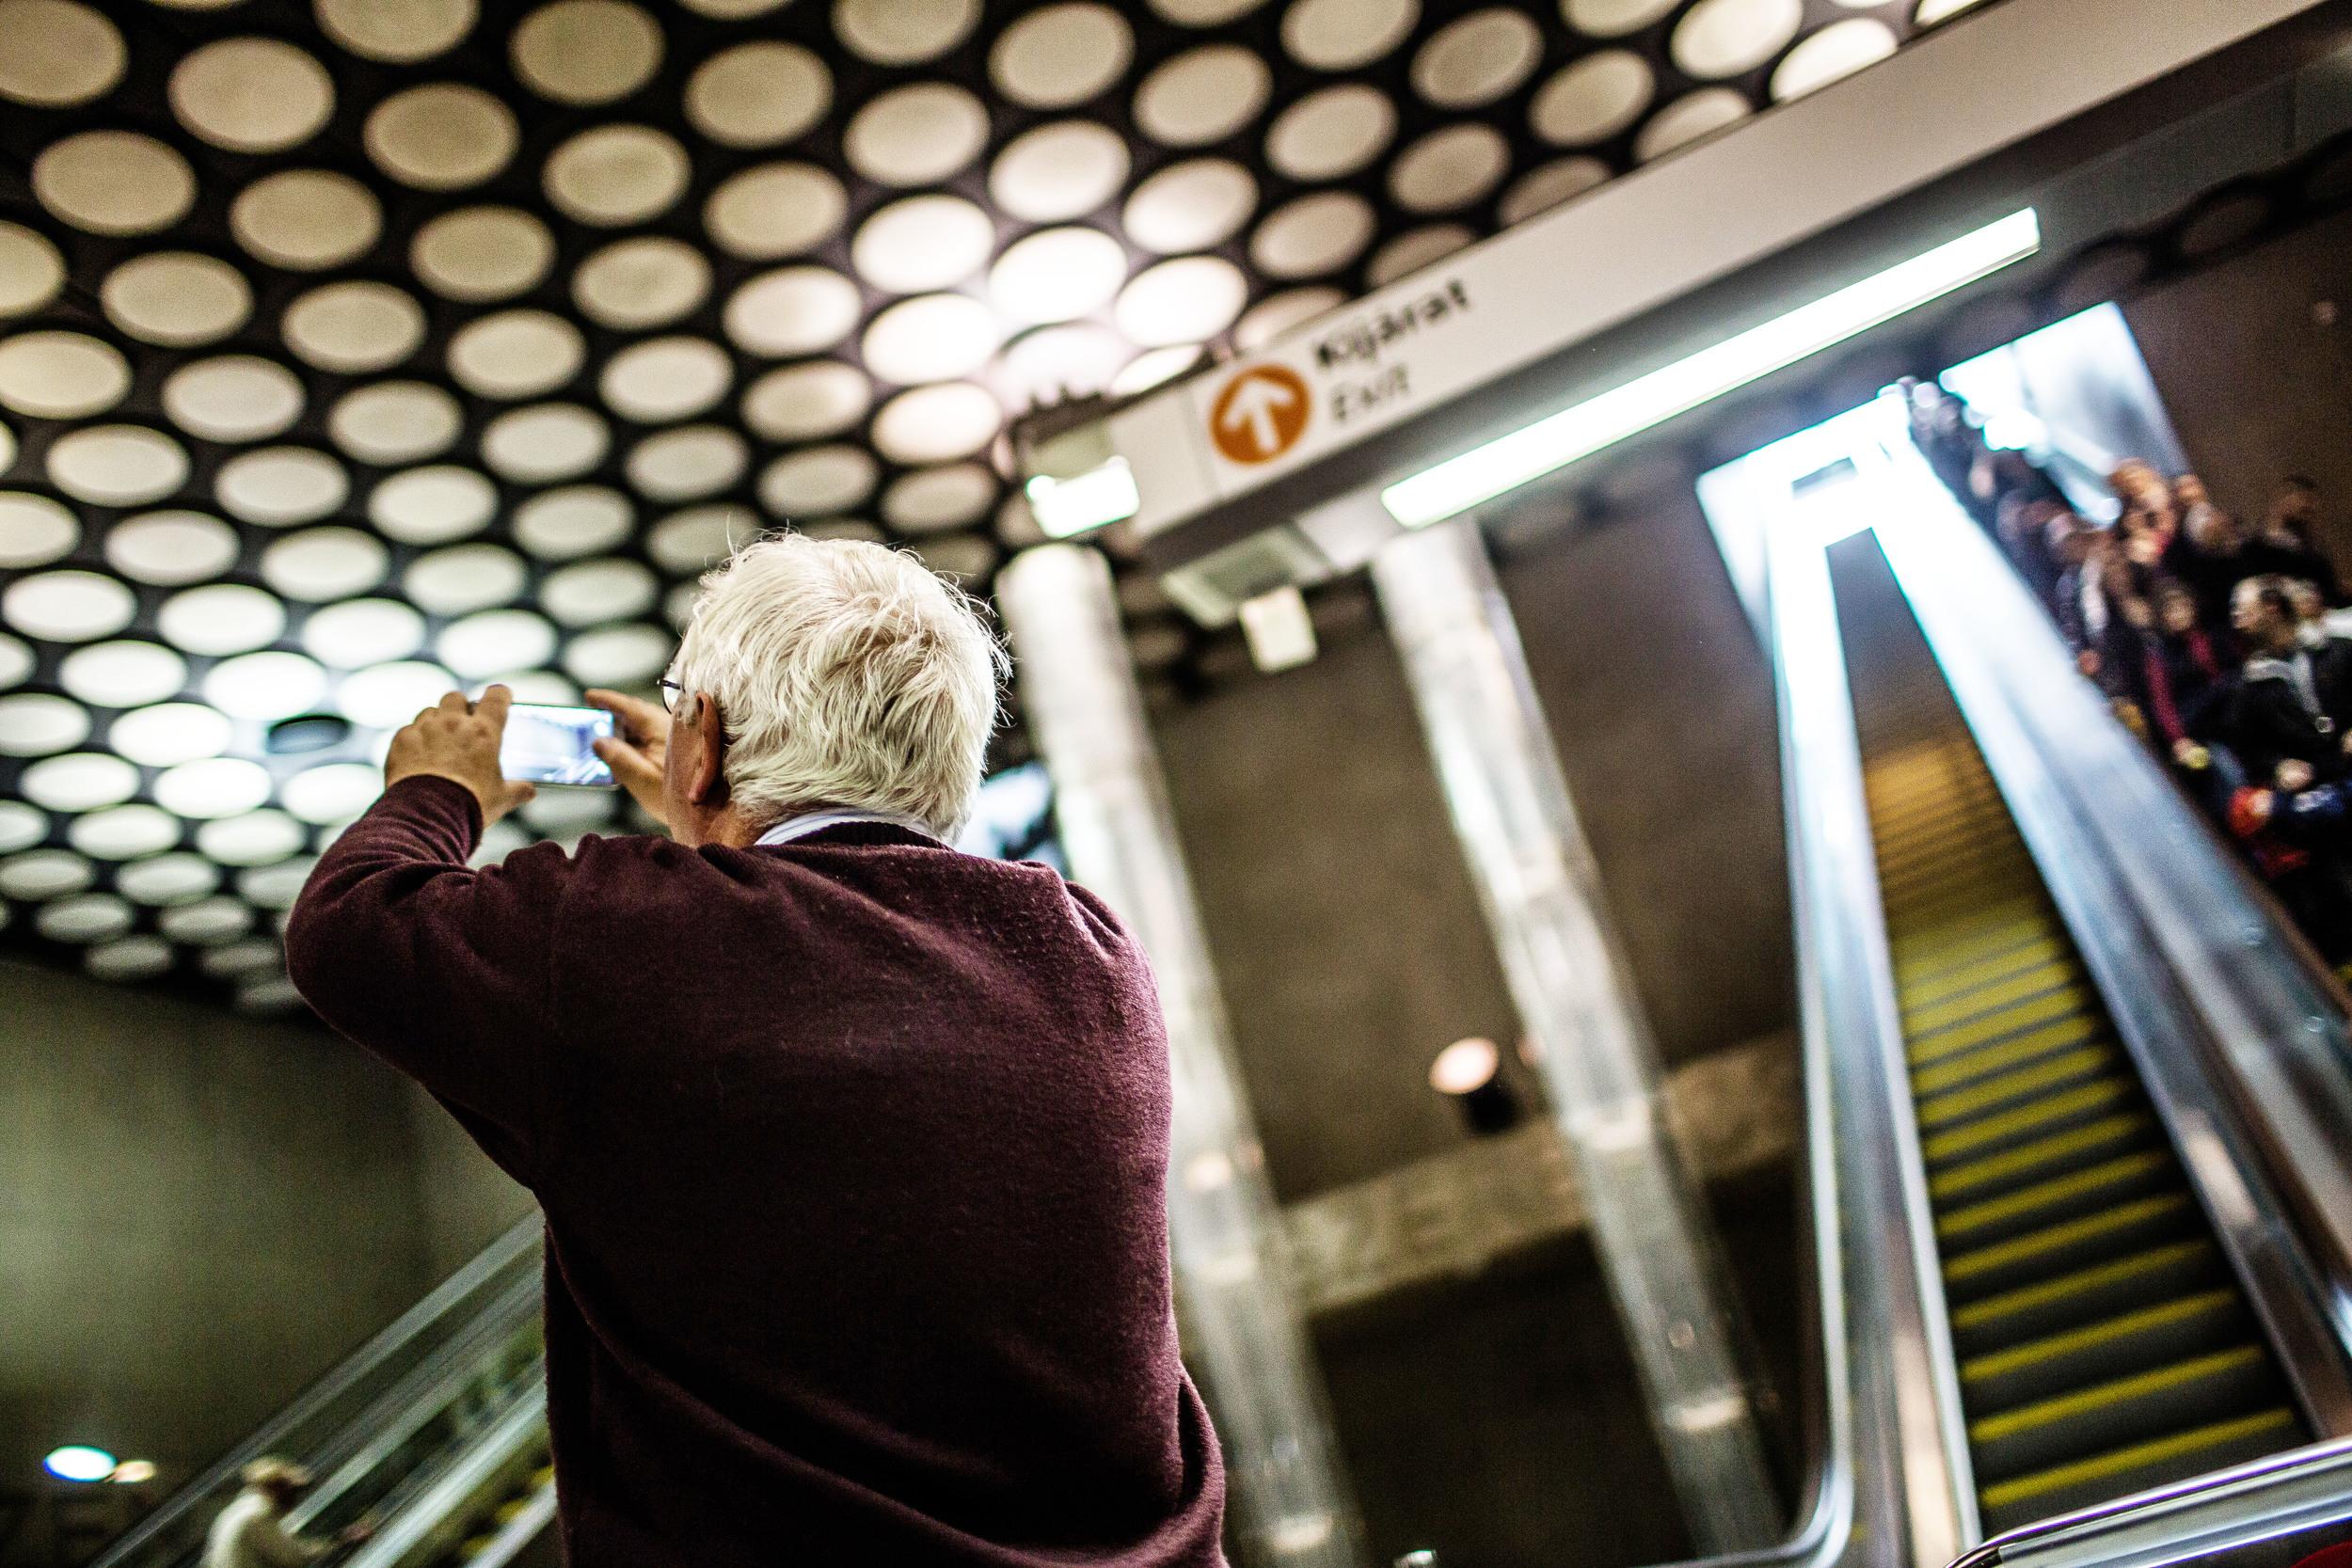 Általában két mozgólépcső vezet le a megállókba, és a legtöbb esetben már a mozgólépcső tetejéről látni a metrószerelvények érkezésének idejét jelző órát.